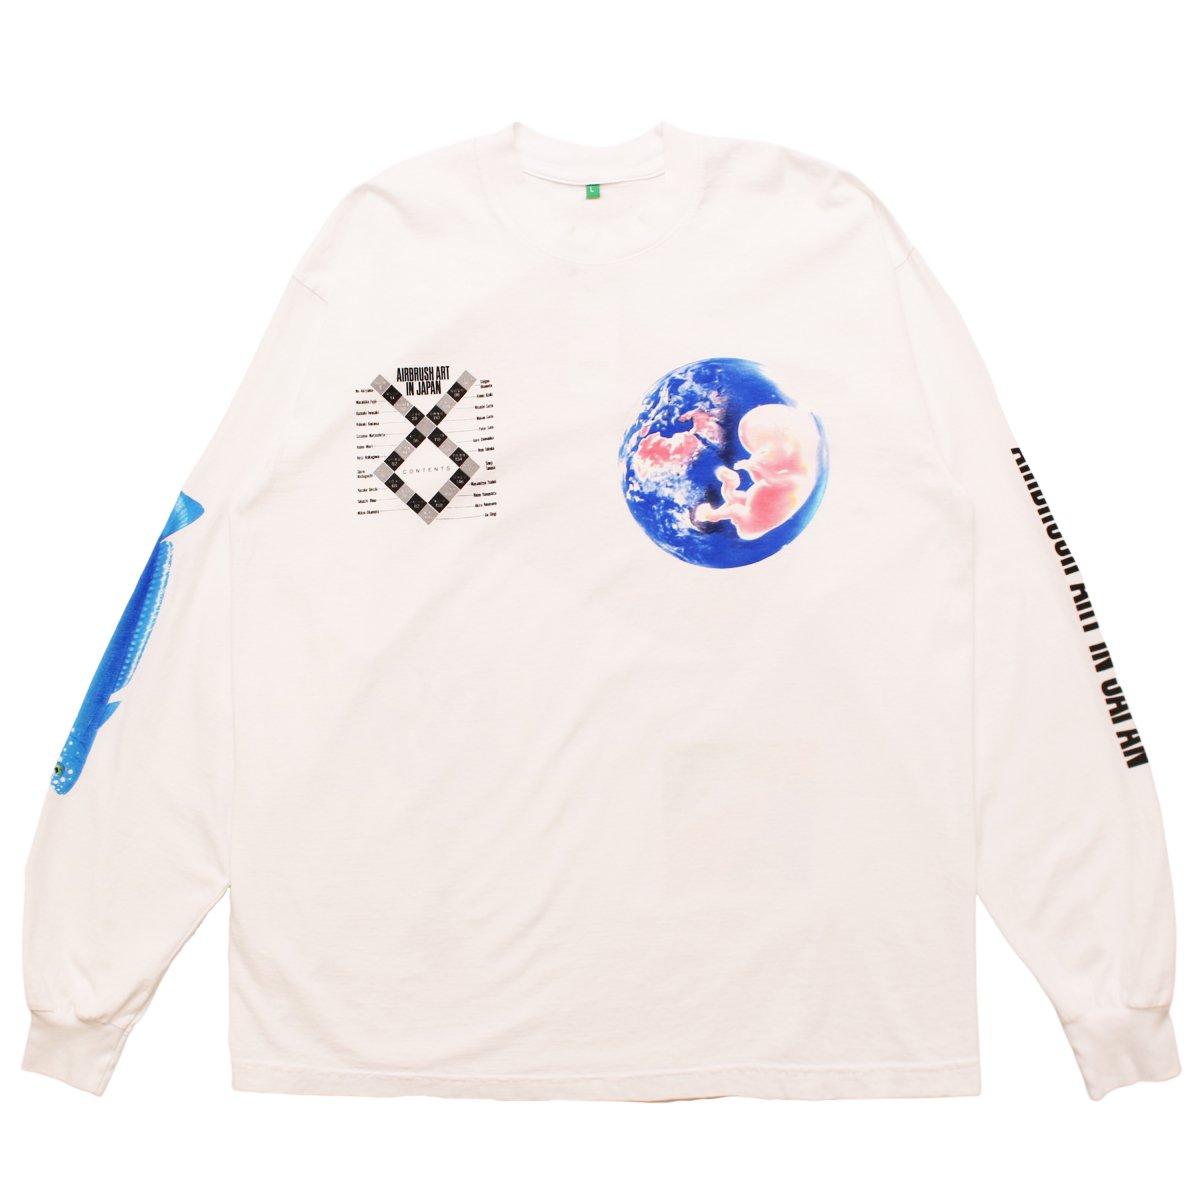 Airbrush 1 L/S Shirt